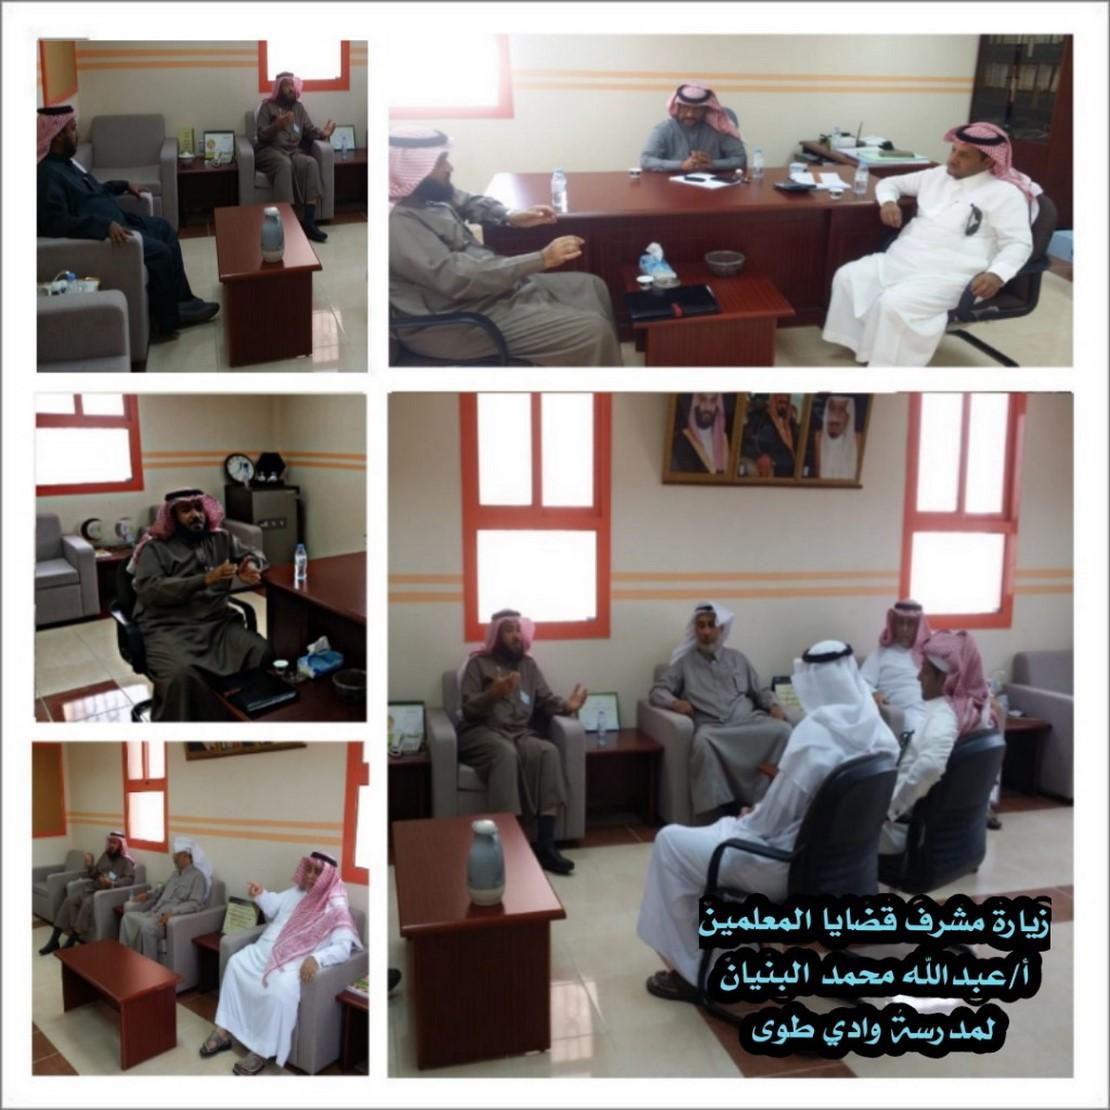 زيارة مشرق قضايا المعلمين الأستاذ/ عبدالله محمد البنيان للمدرسة